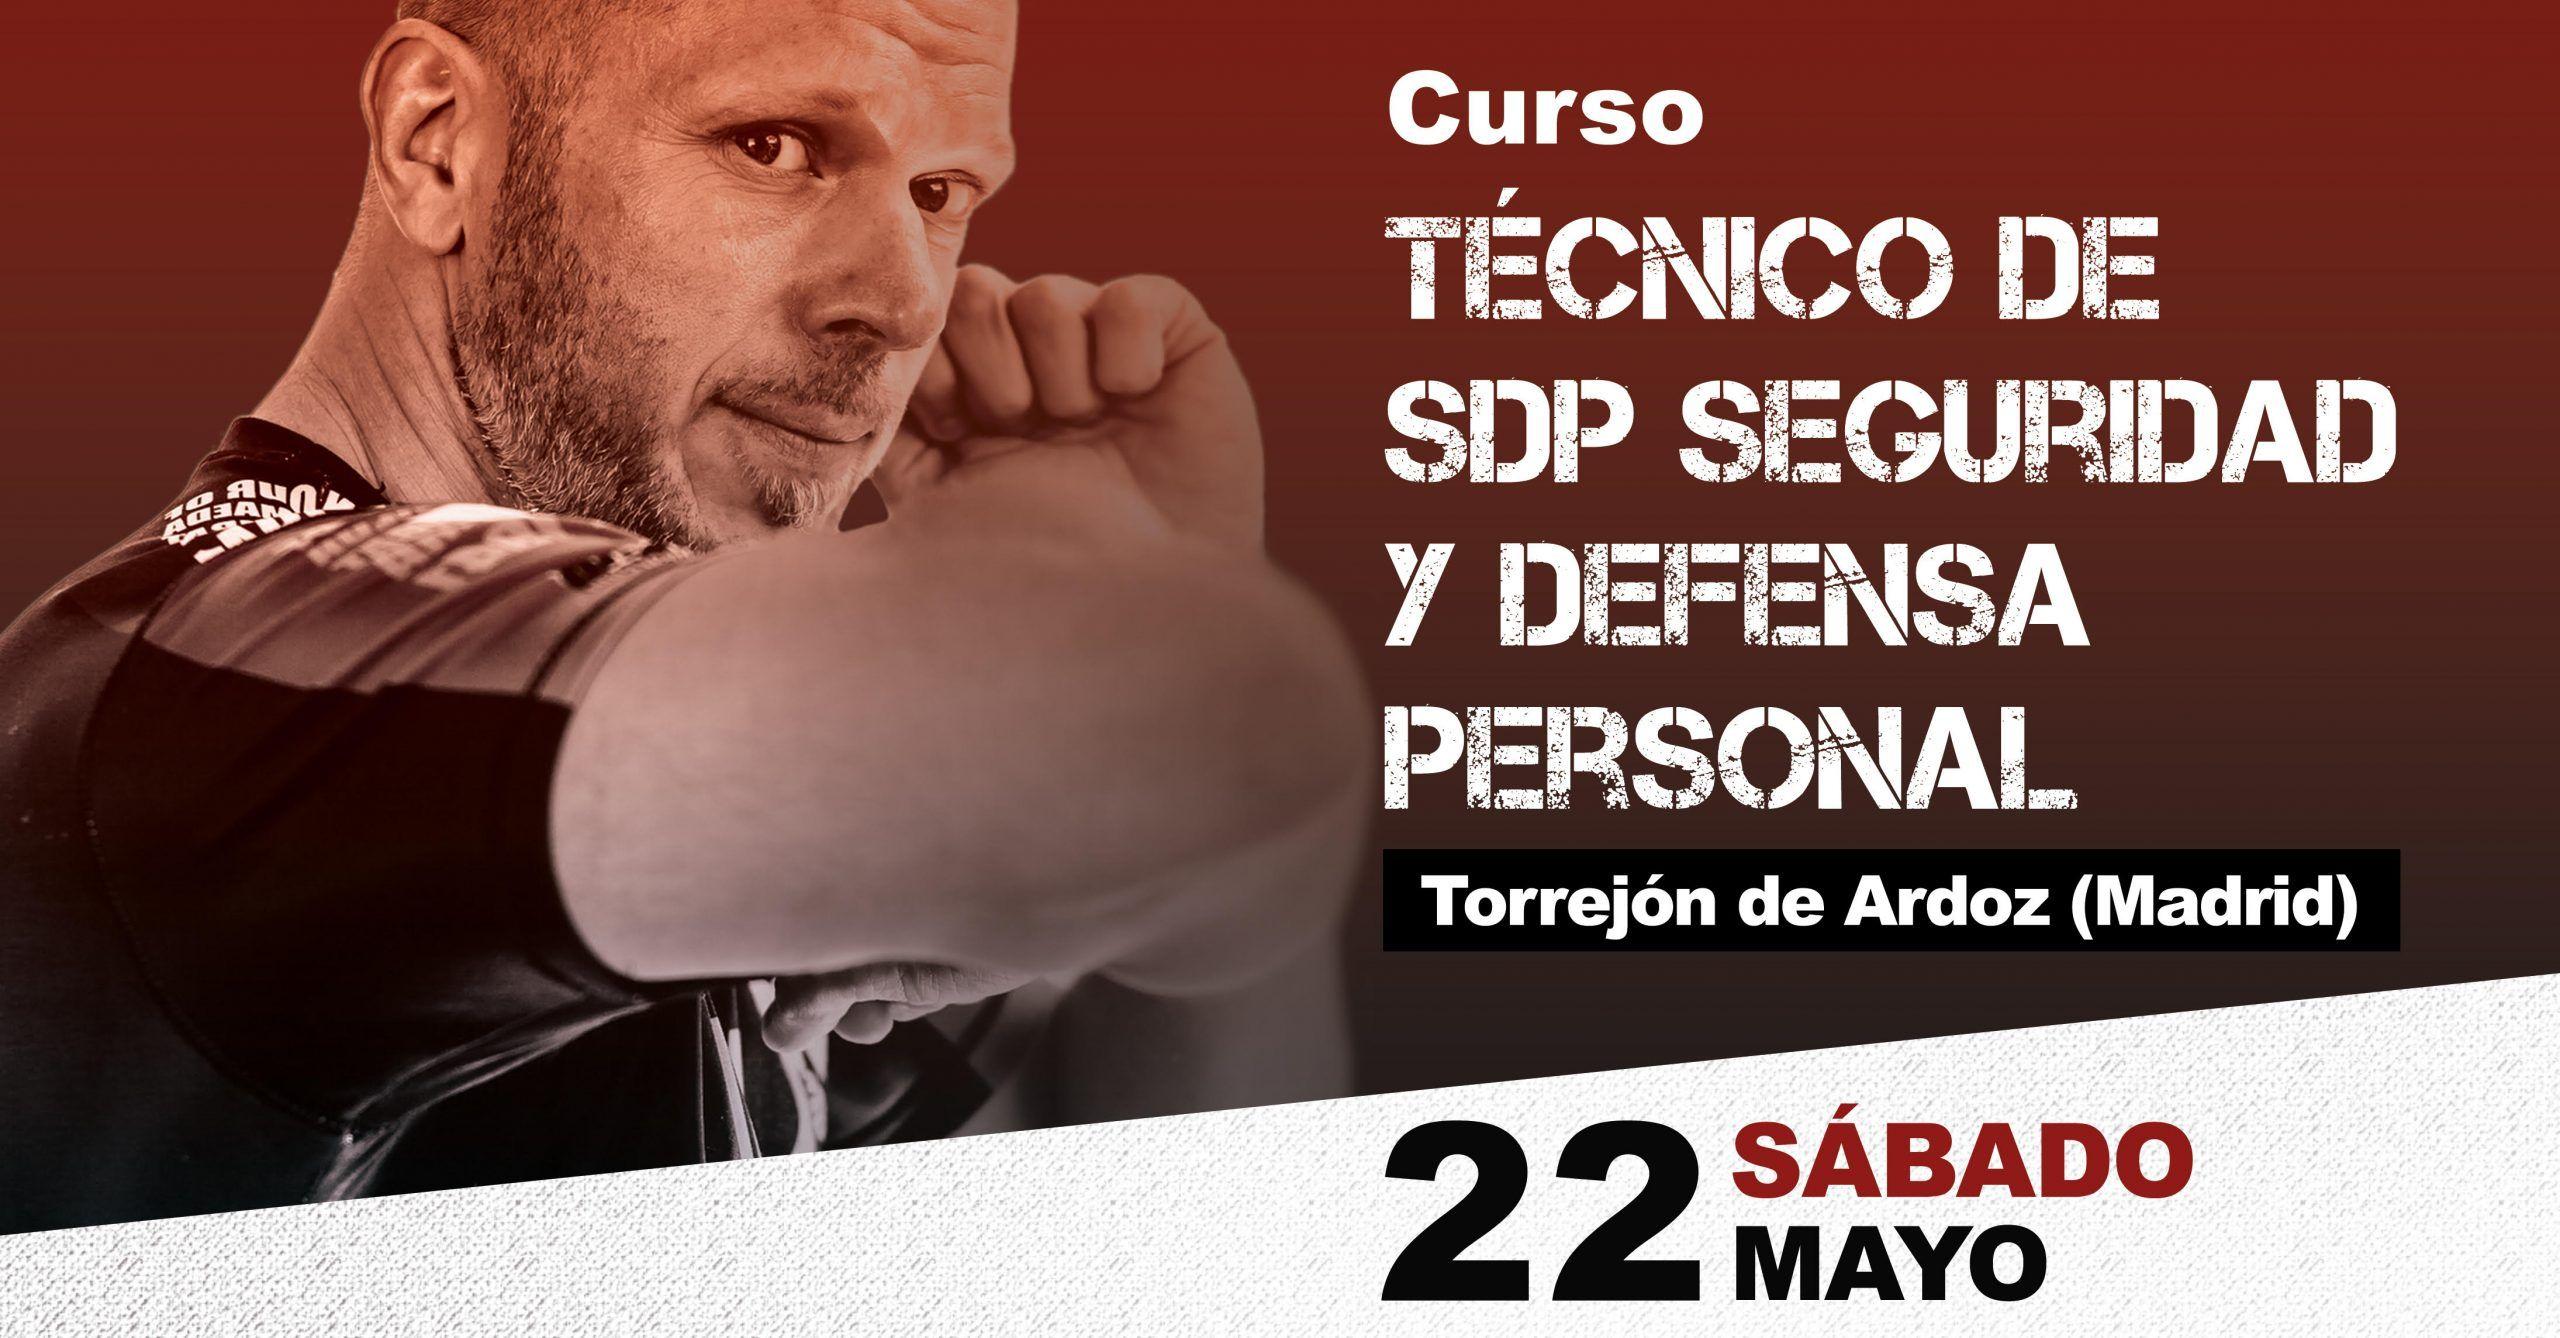 ae-seguridad-defensa-personal-curso-sdp